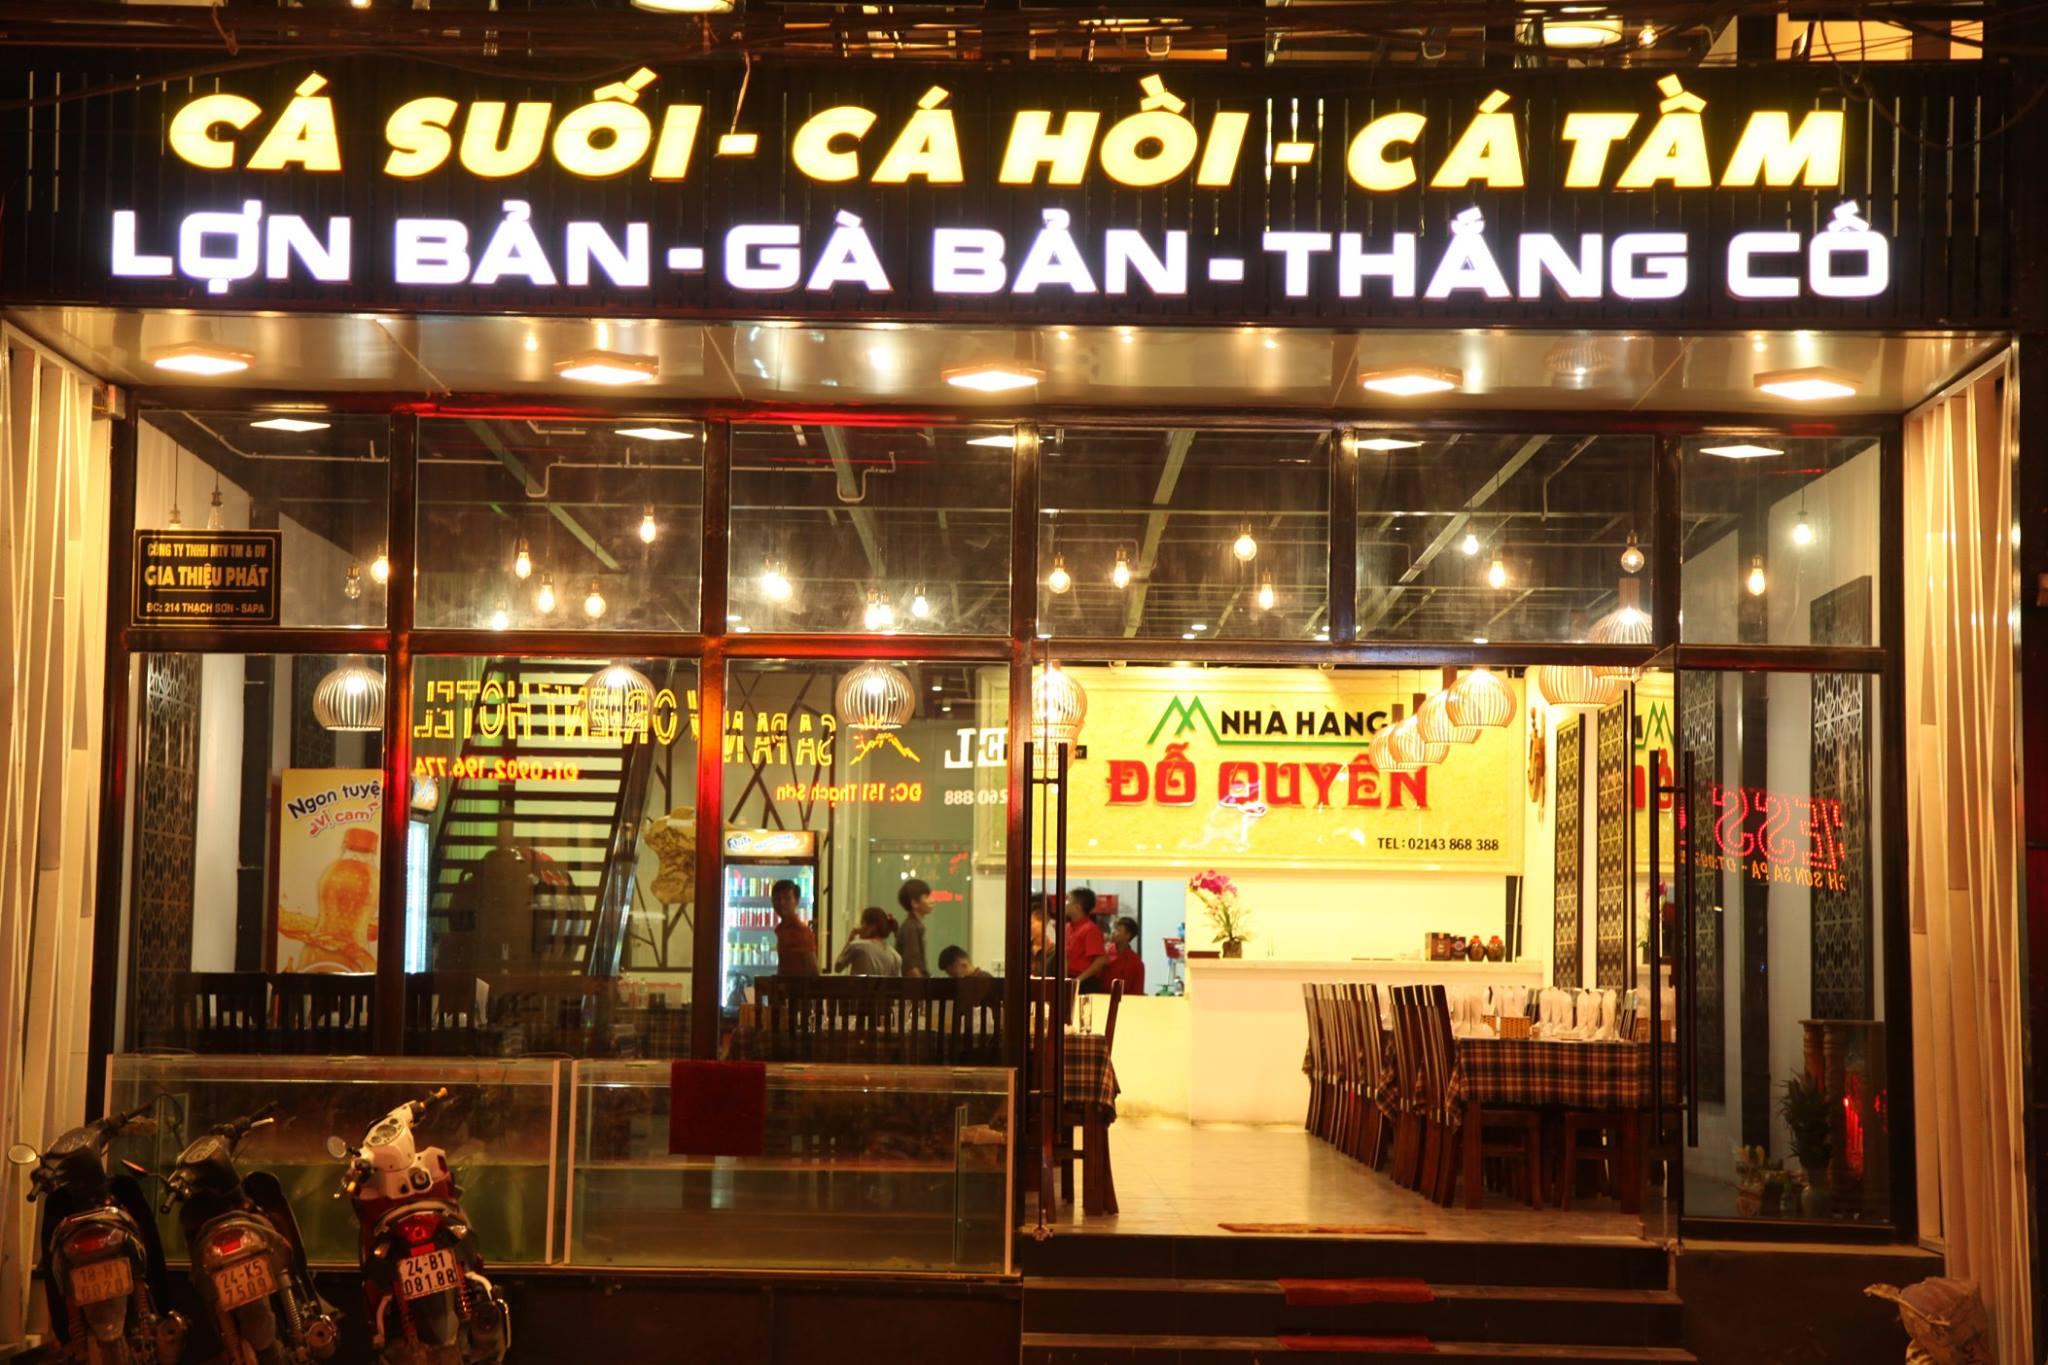 sapa_nha-hang-ngon-o-sapa-02